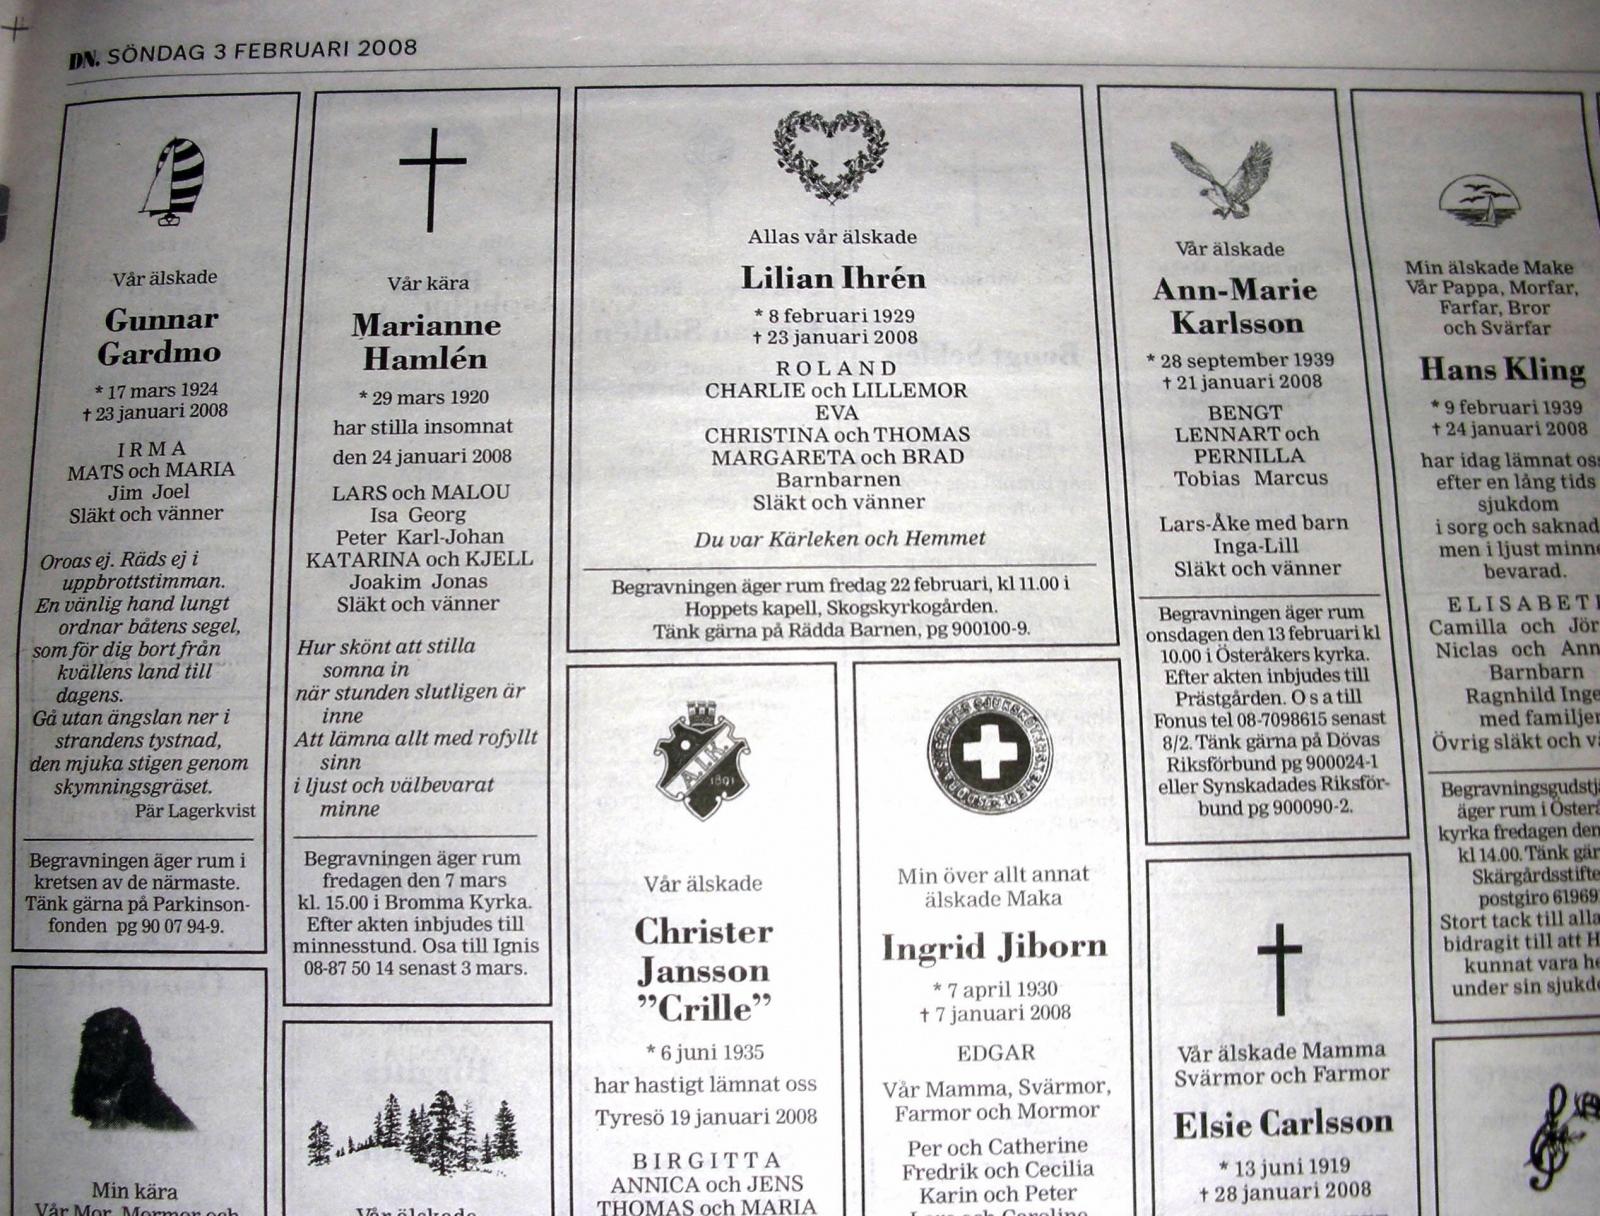 dating.com uk newspaper obituaries death